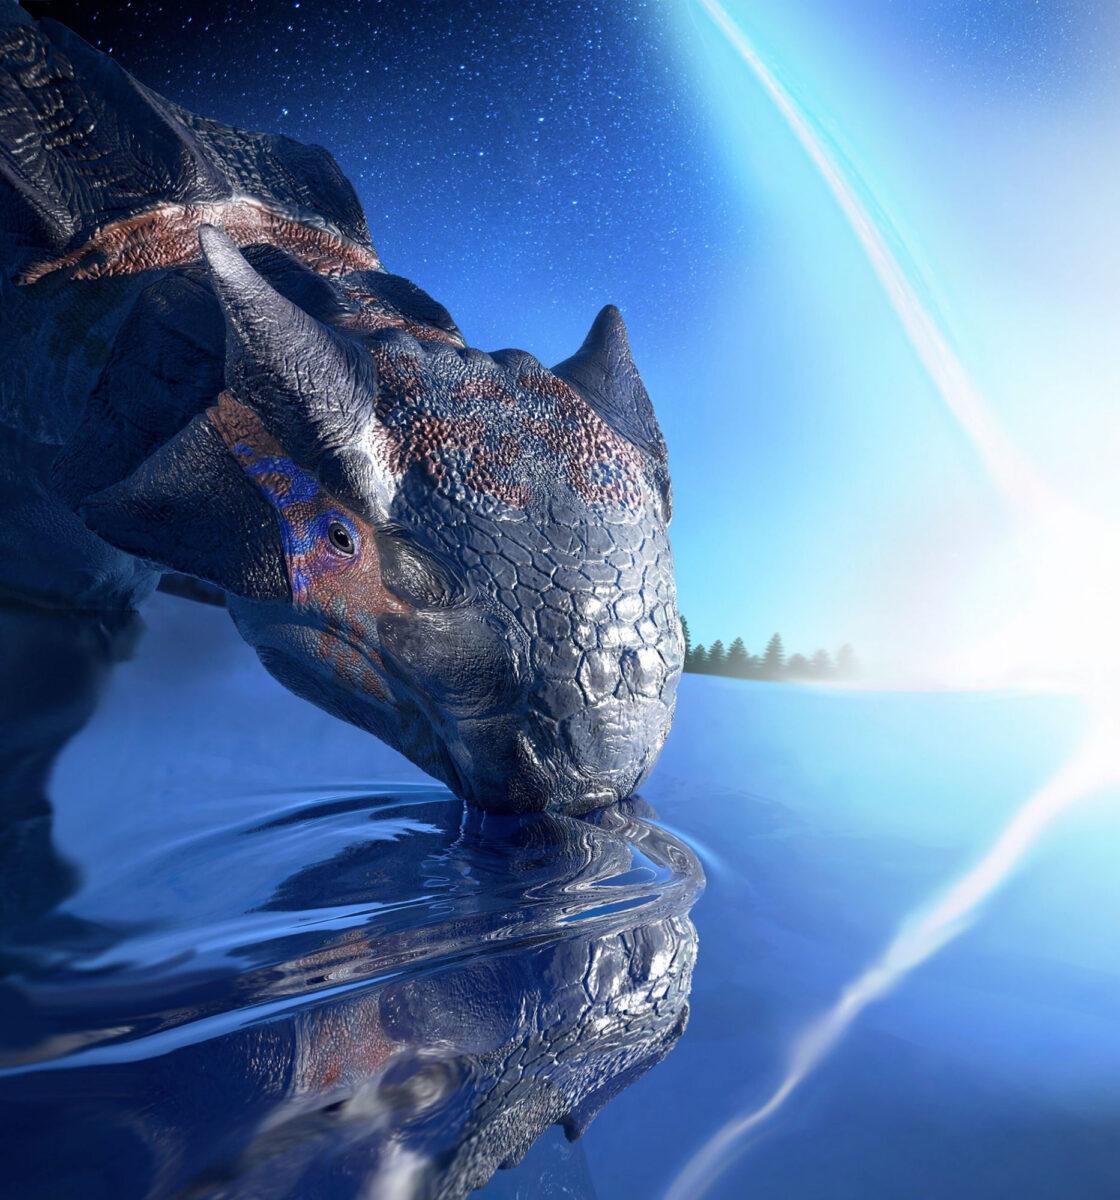 Η πρόσκρουση αστεροειδούς έκανε τη γη ακατάλληλη για τους δεινόσαυρους